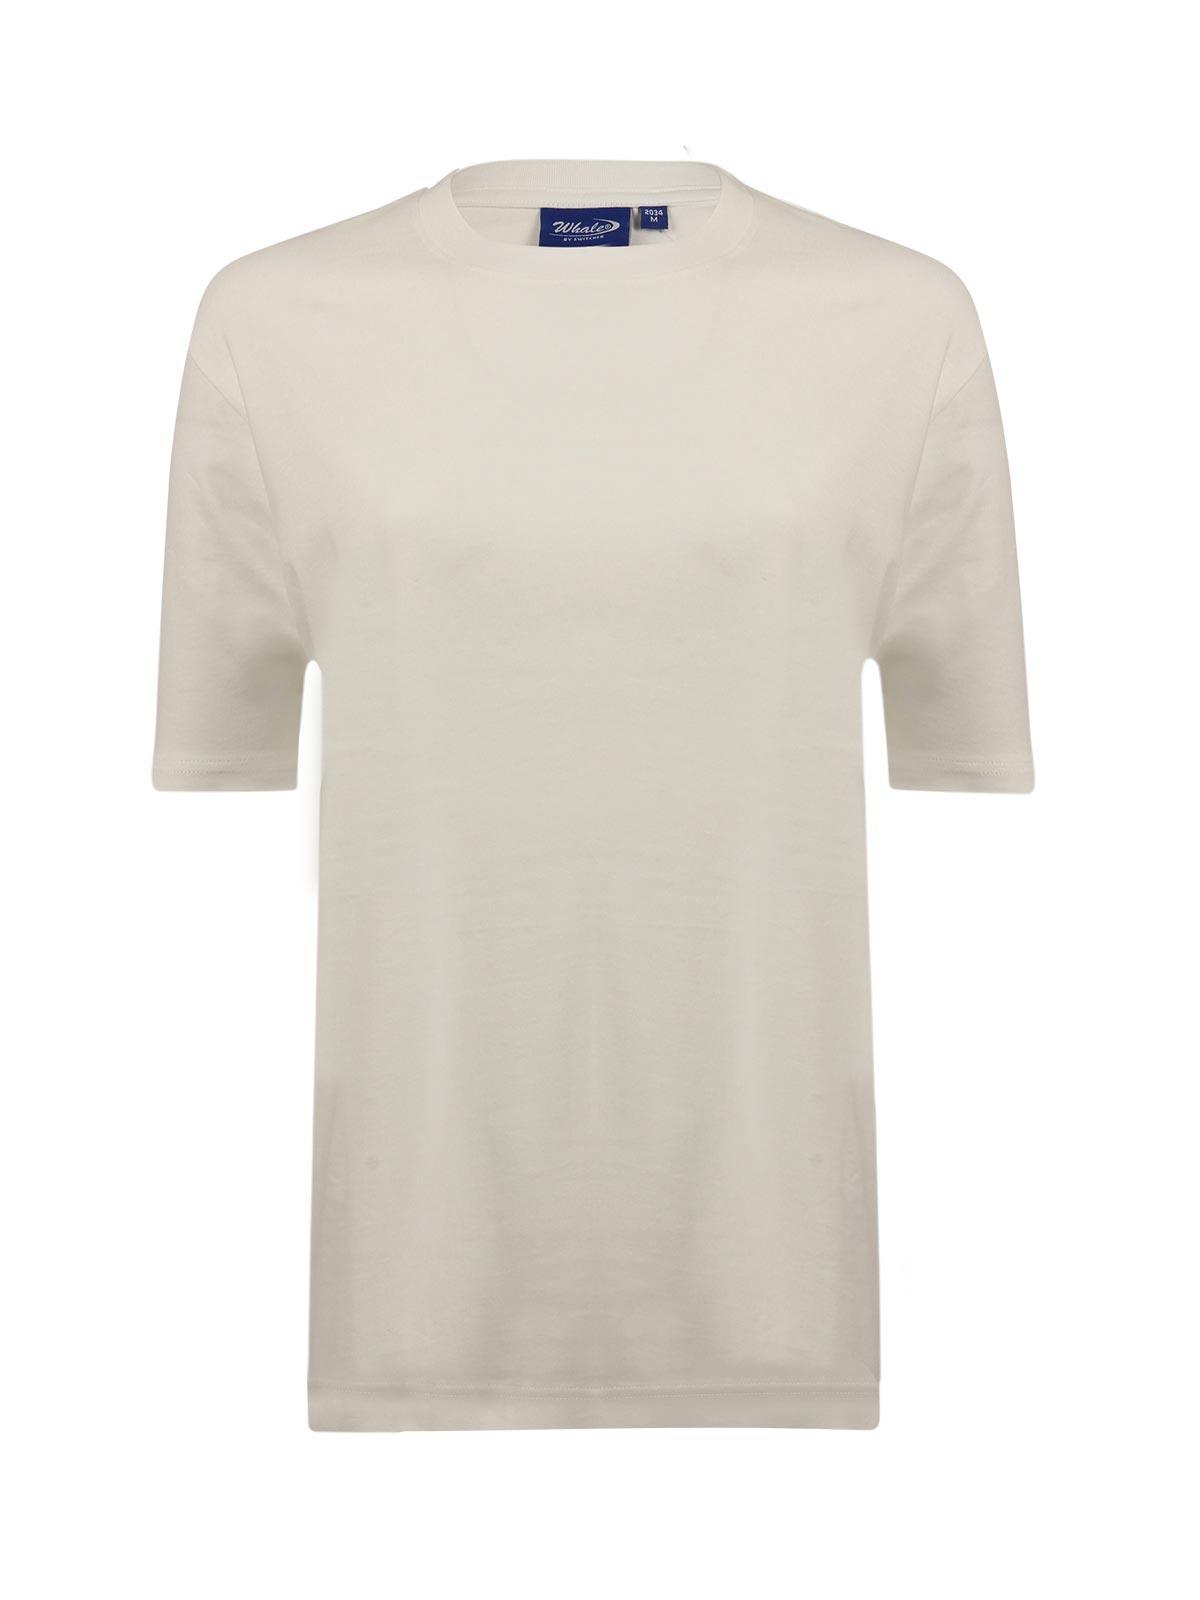 Shop Online Shirt Event Werk5 Whale Switcher 5j34RLAq